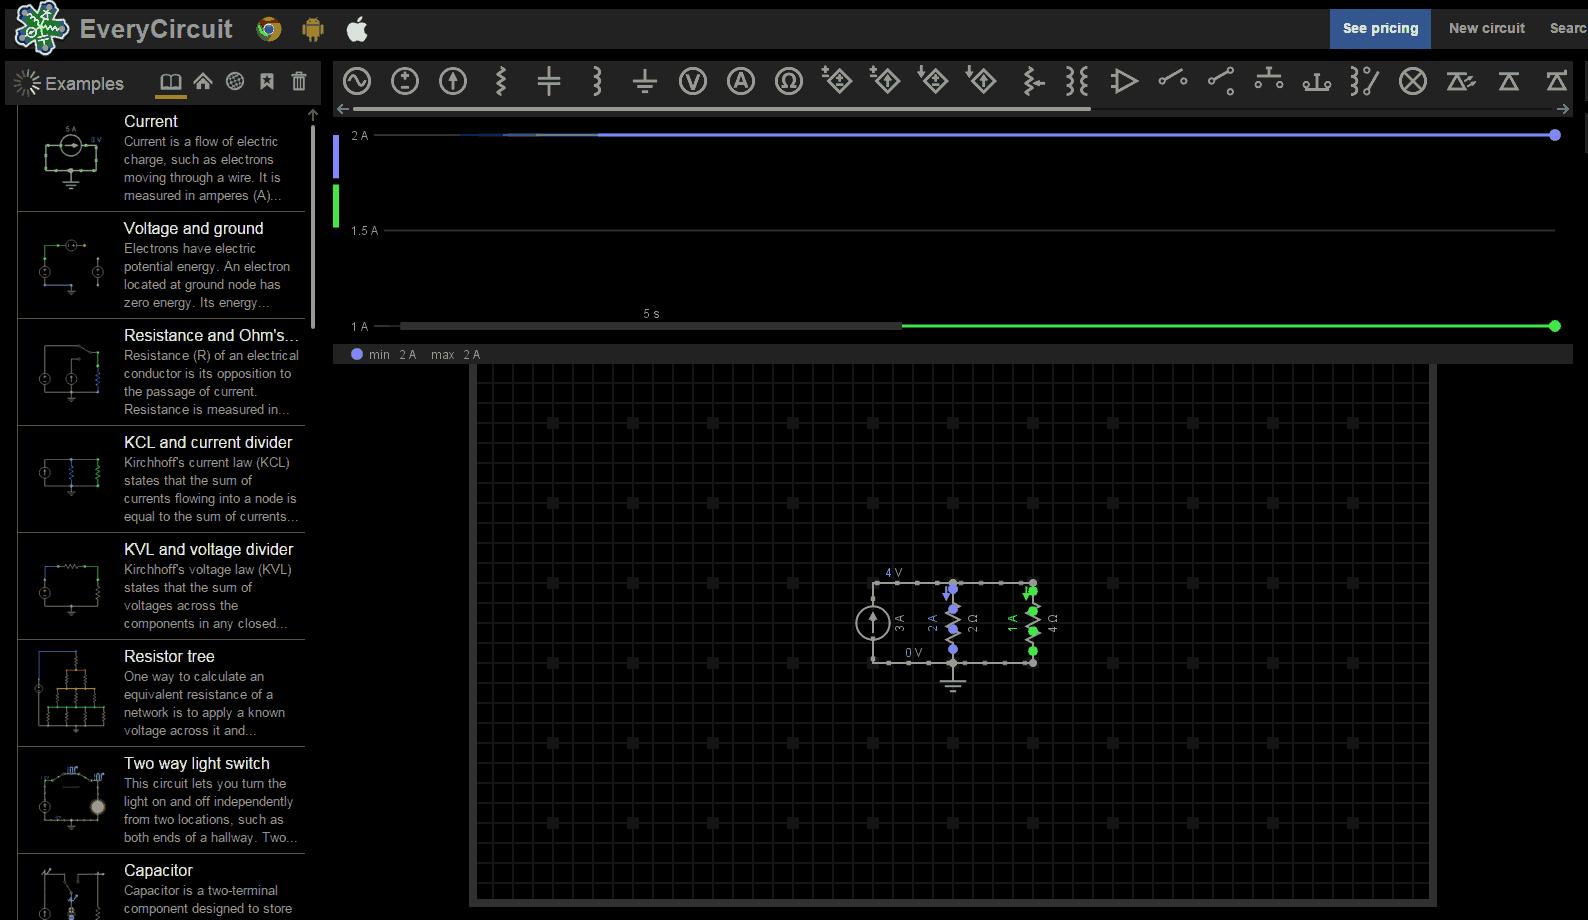 d9b941de73 EveryCircuit 700x406 Os 10 melhores simuladores de circuito online Melhores  simuladores de circuitos online Software de